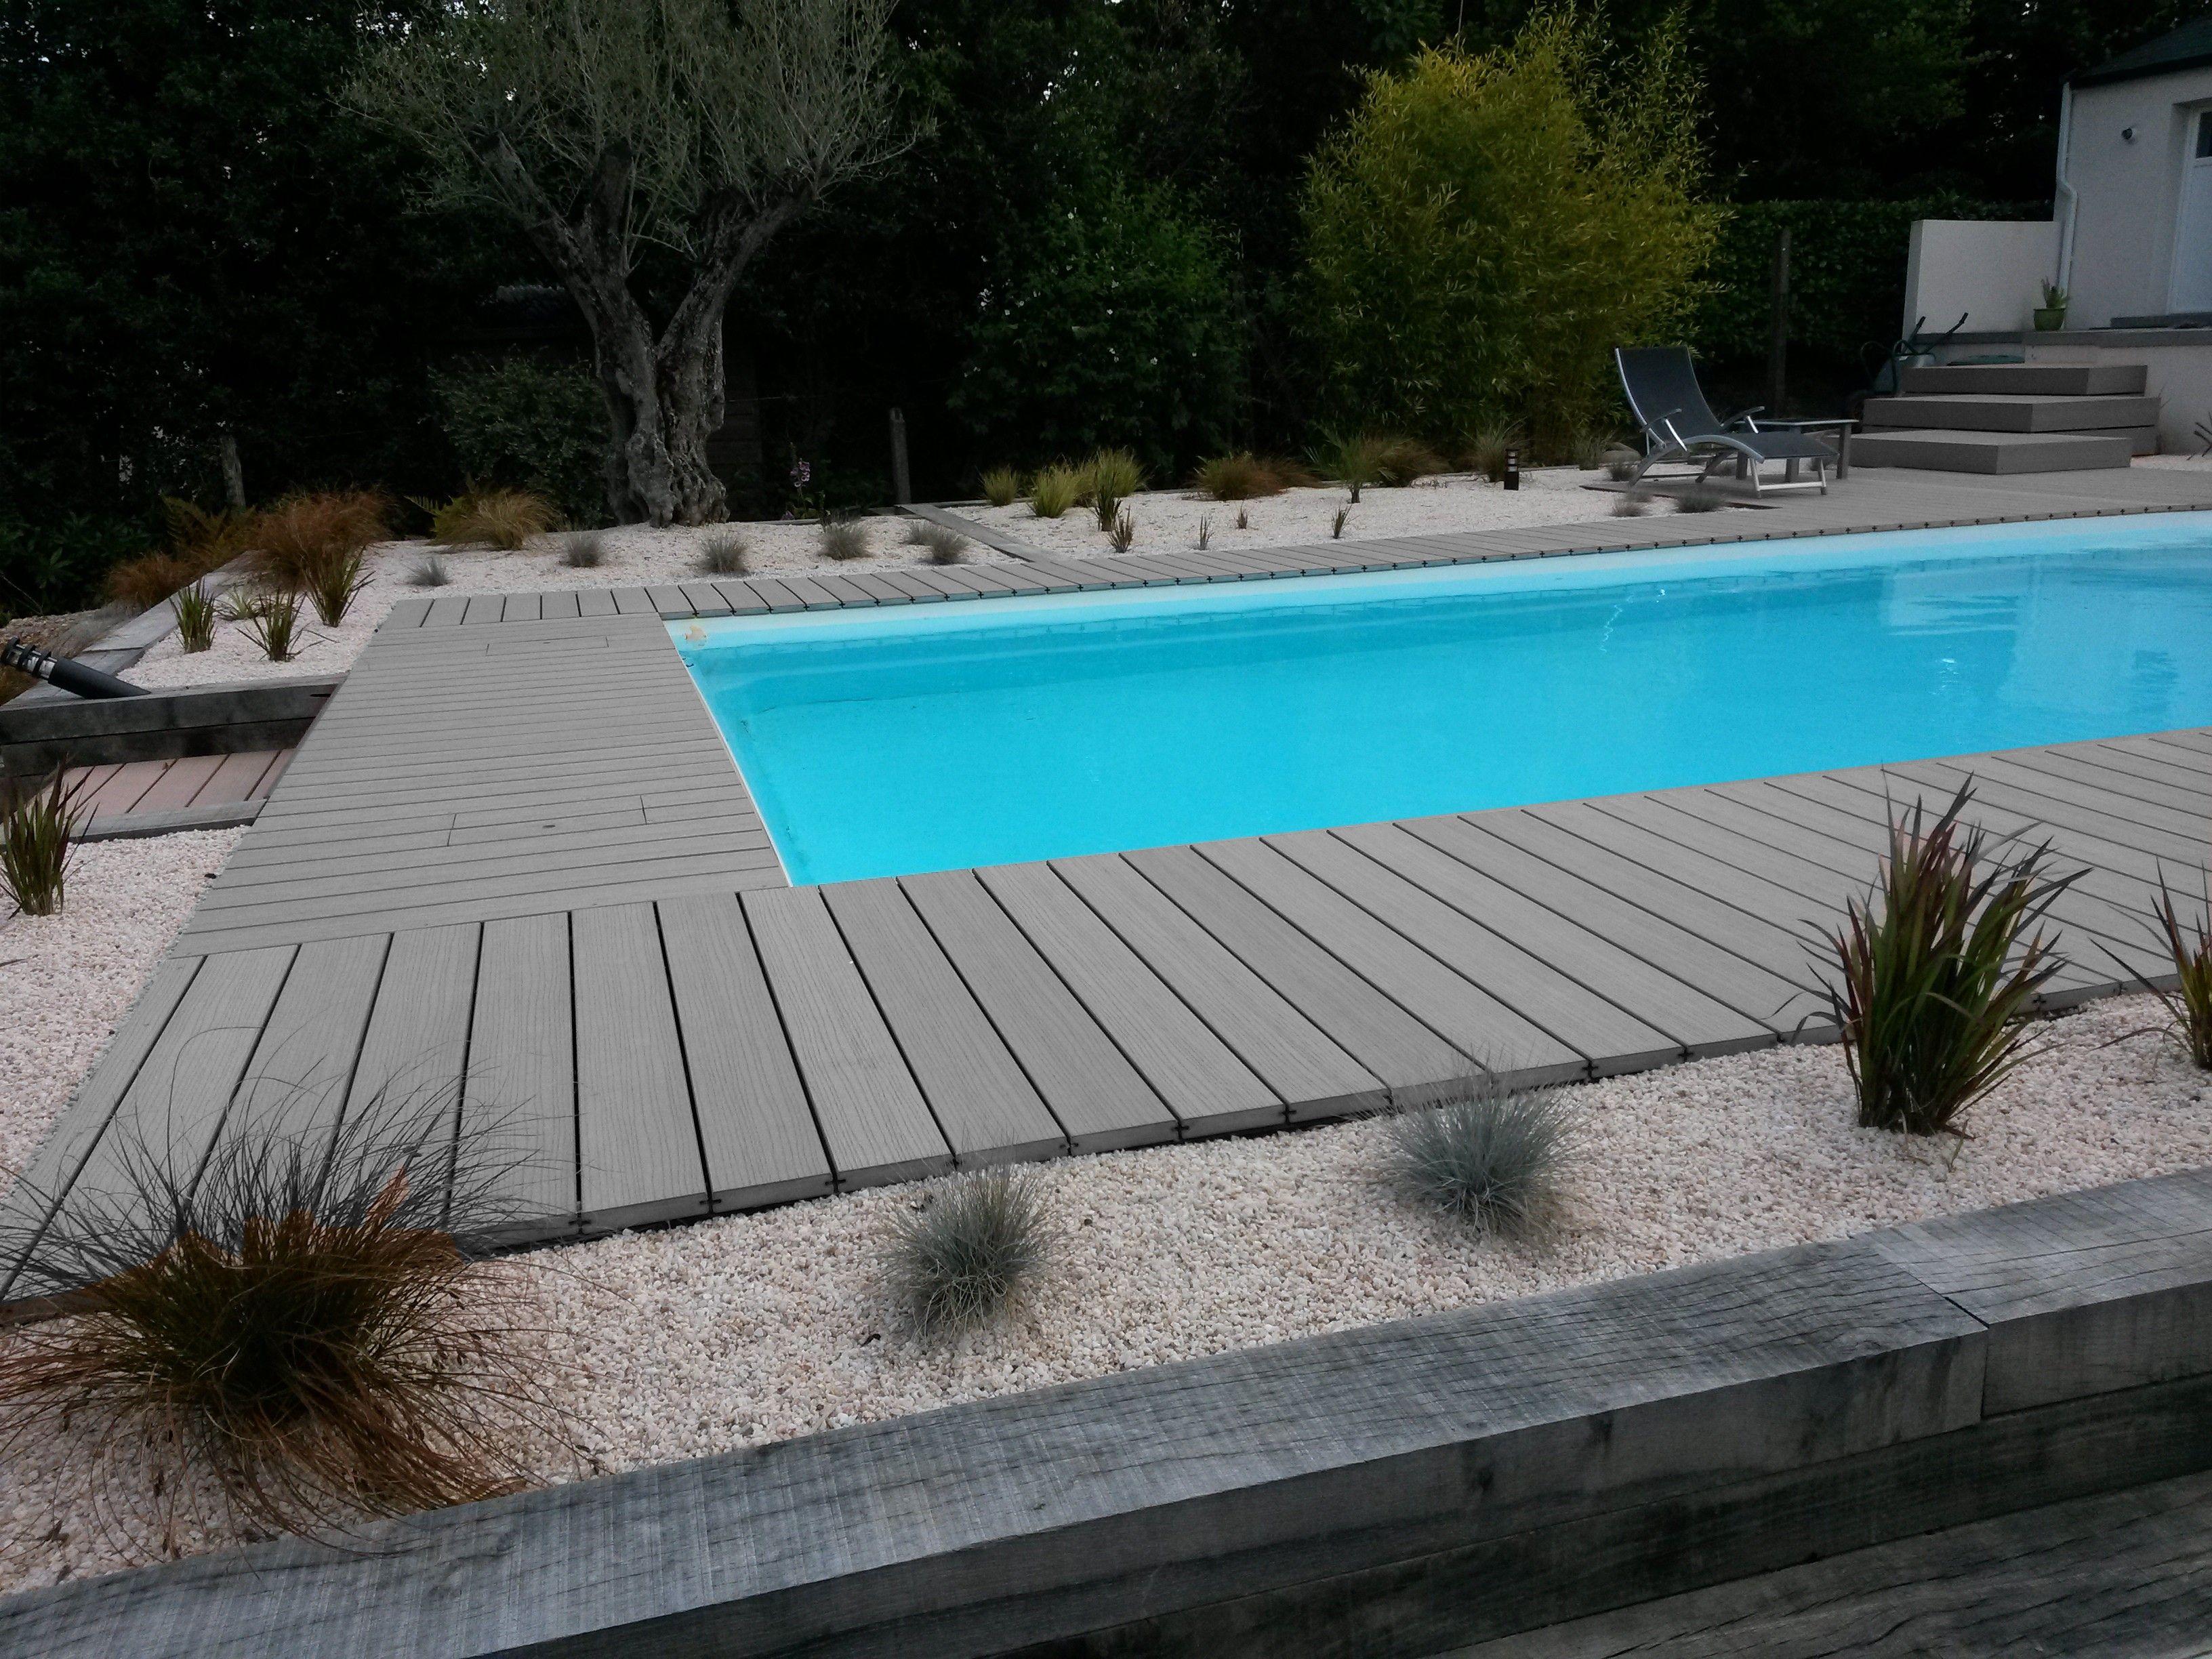 Les Lames De Terrasse En Bois Composite Pour Border Votre ... pour Bois Pour Terrasse Piscine